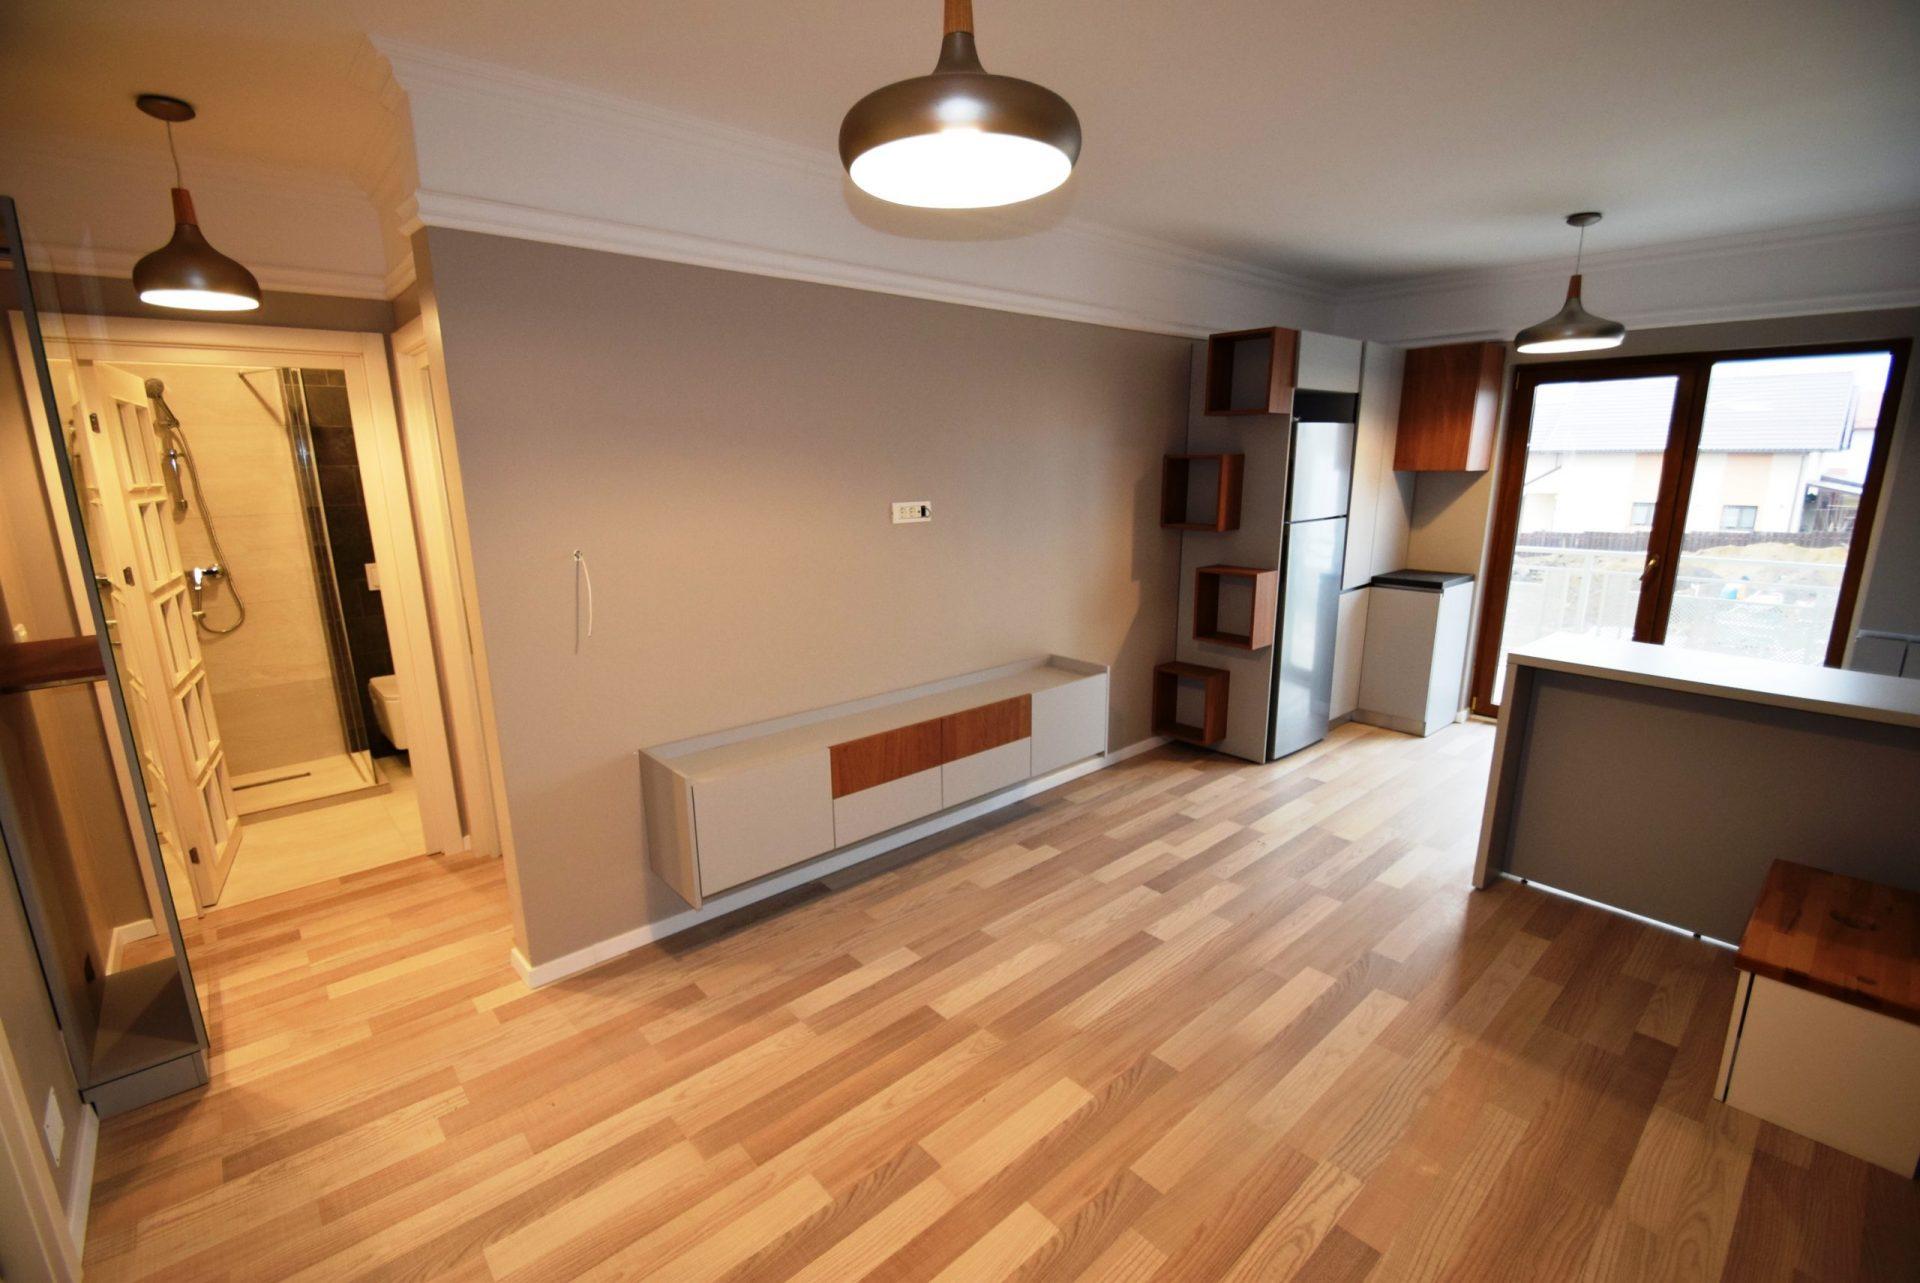 apartamente-de-vanzare-iasi-esq-village-2-17-scaled